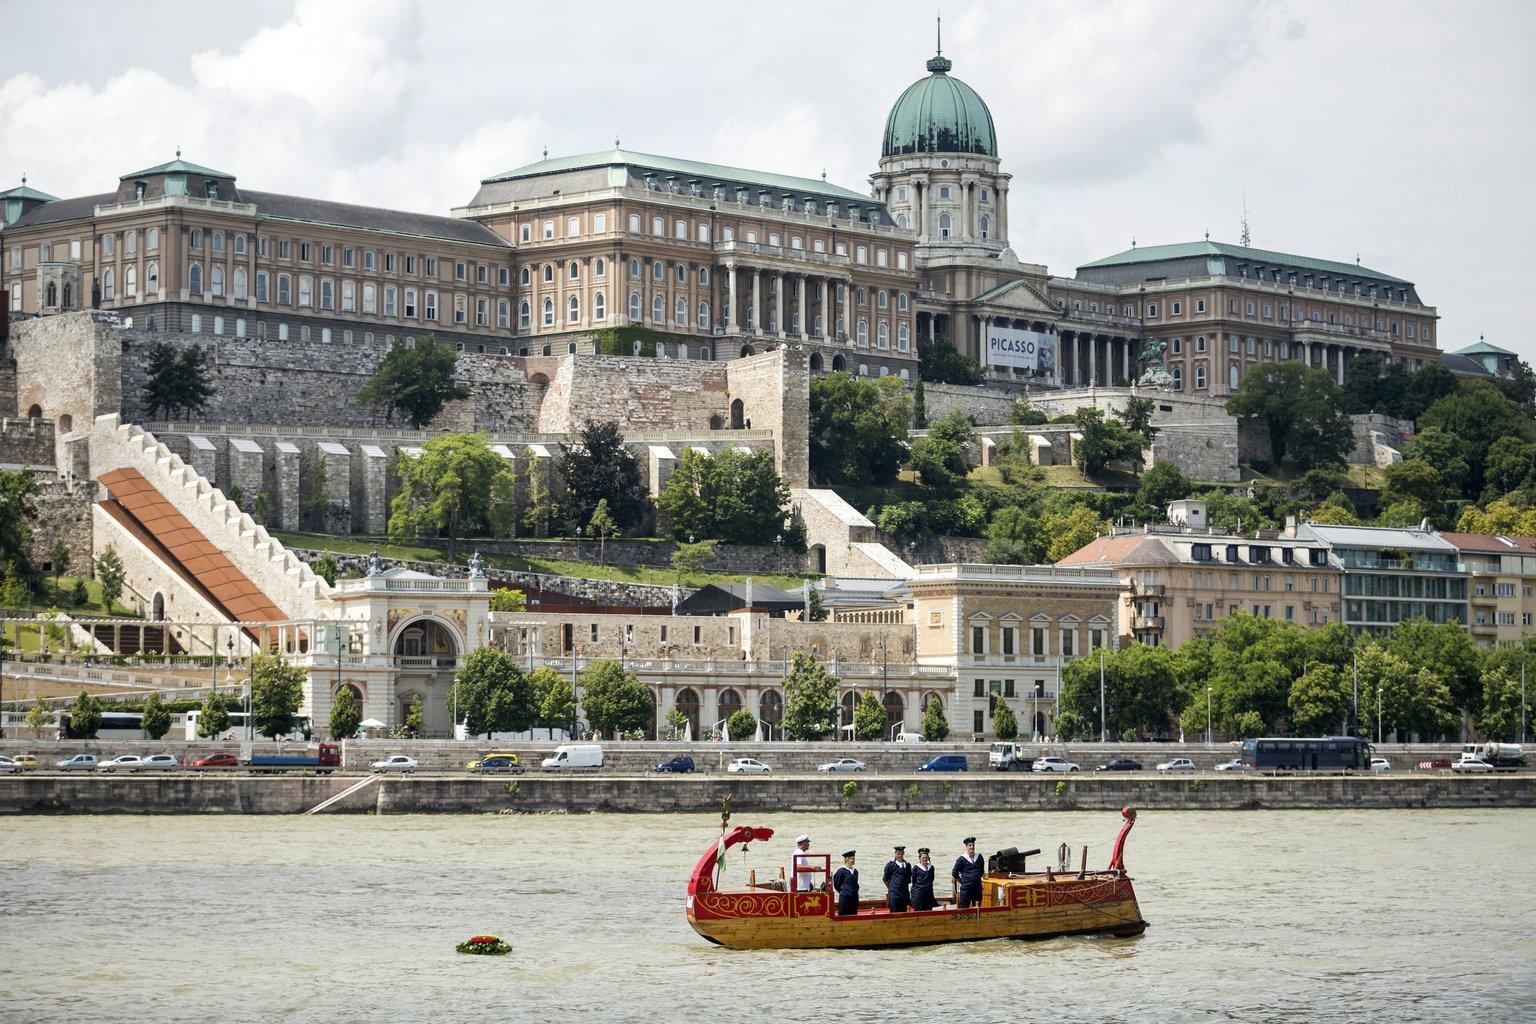 Koszorút engednek a folyóba egy hajóból a Duna Lánchíd és Erzsébet híd közötti szakaszán az 1456-os nándorfehérvári diadal emléknapján (Fotó: MTI/Mohai Balázs)